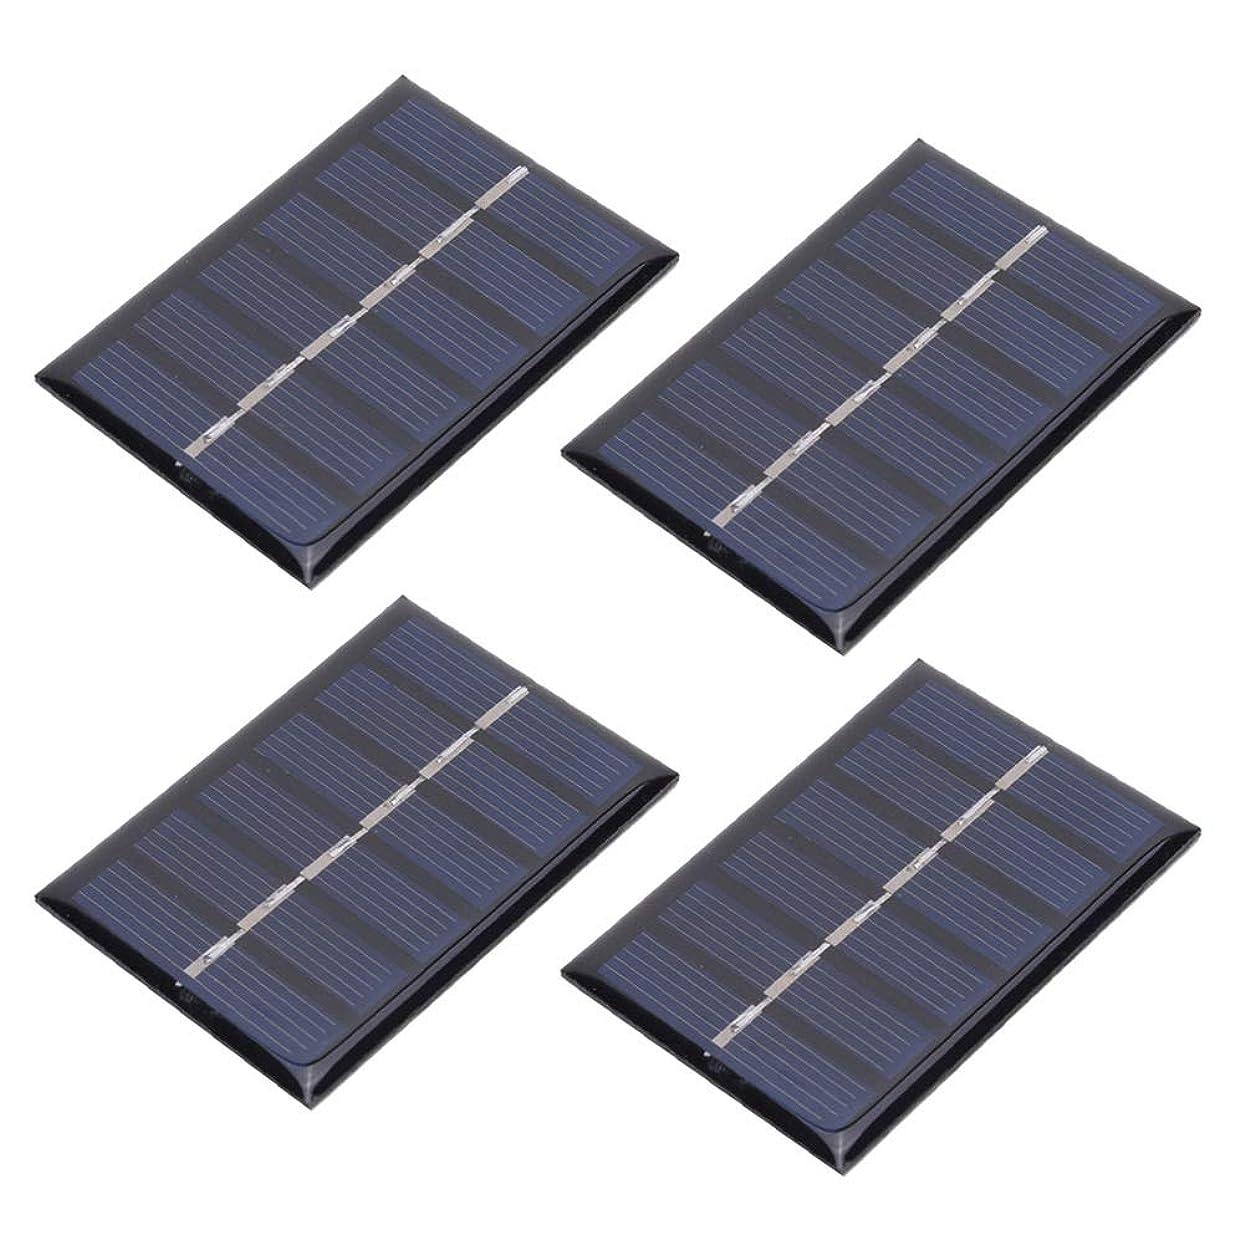 ガラガラ反映するアノイAelooa 4本3V 100MA 0.3W DIYポータブルソーラー発電はパネルのエポキシボード65 * 48MM充電